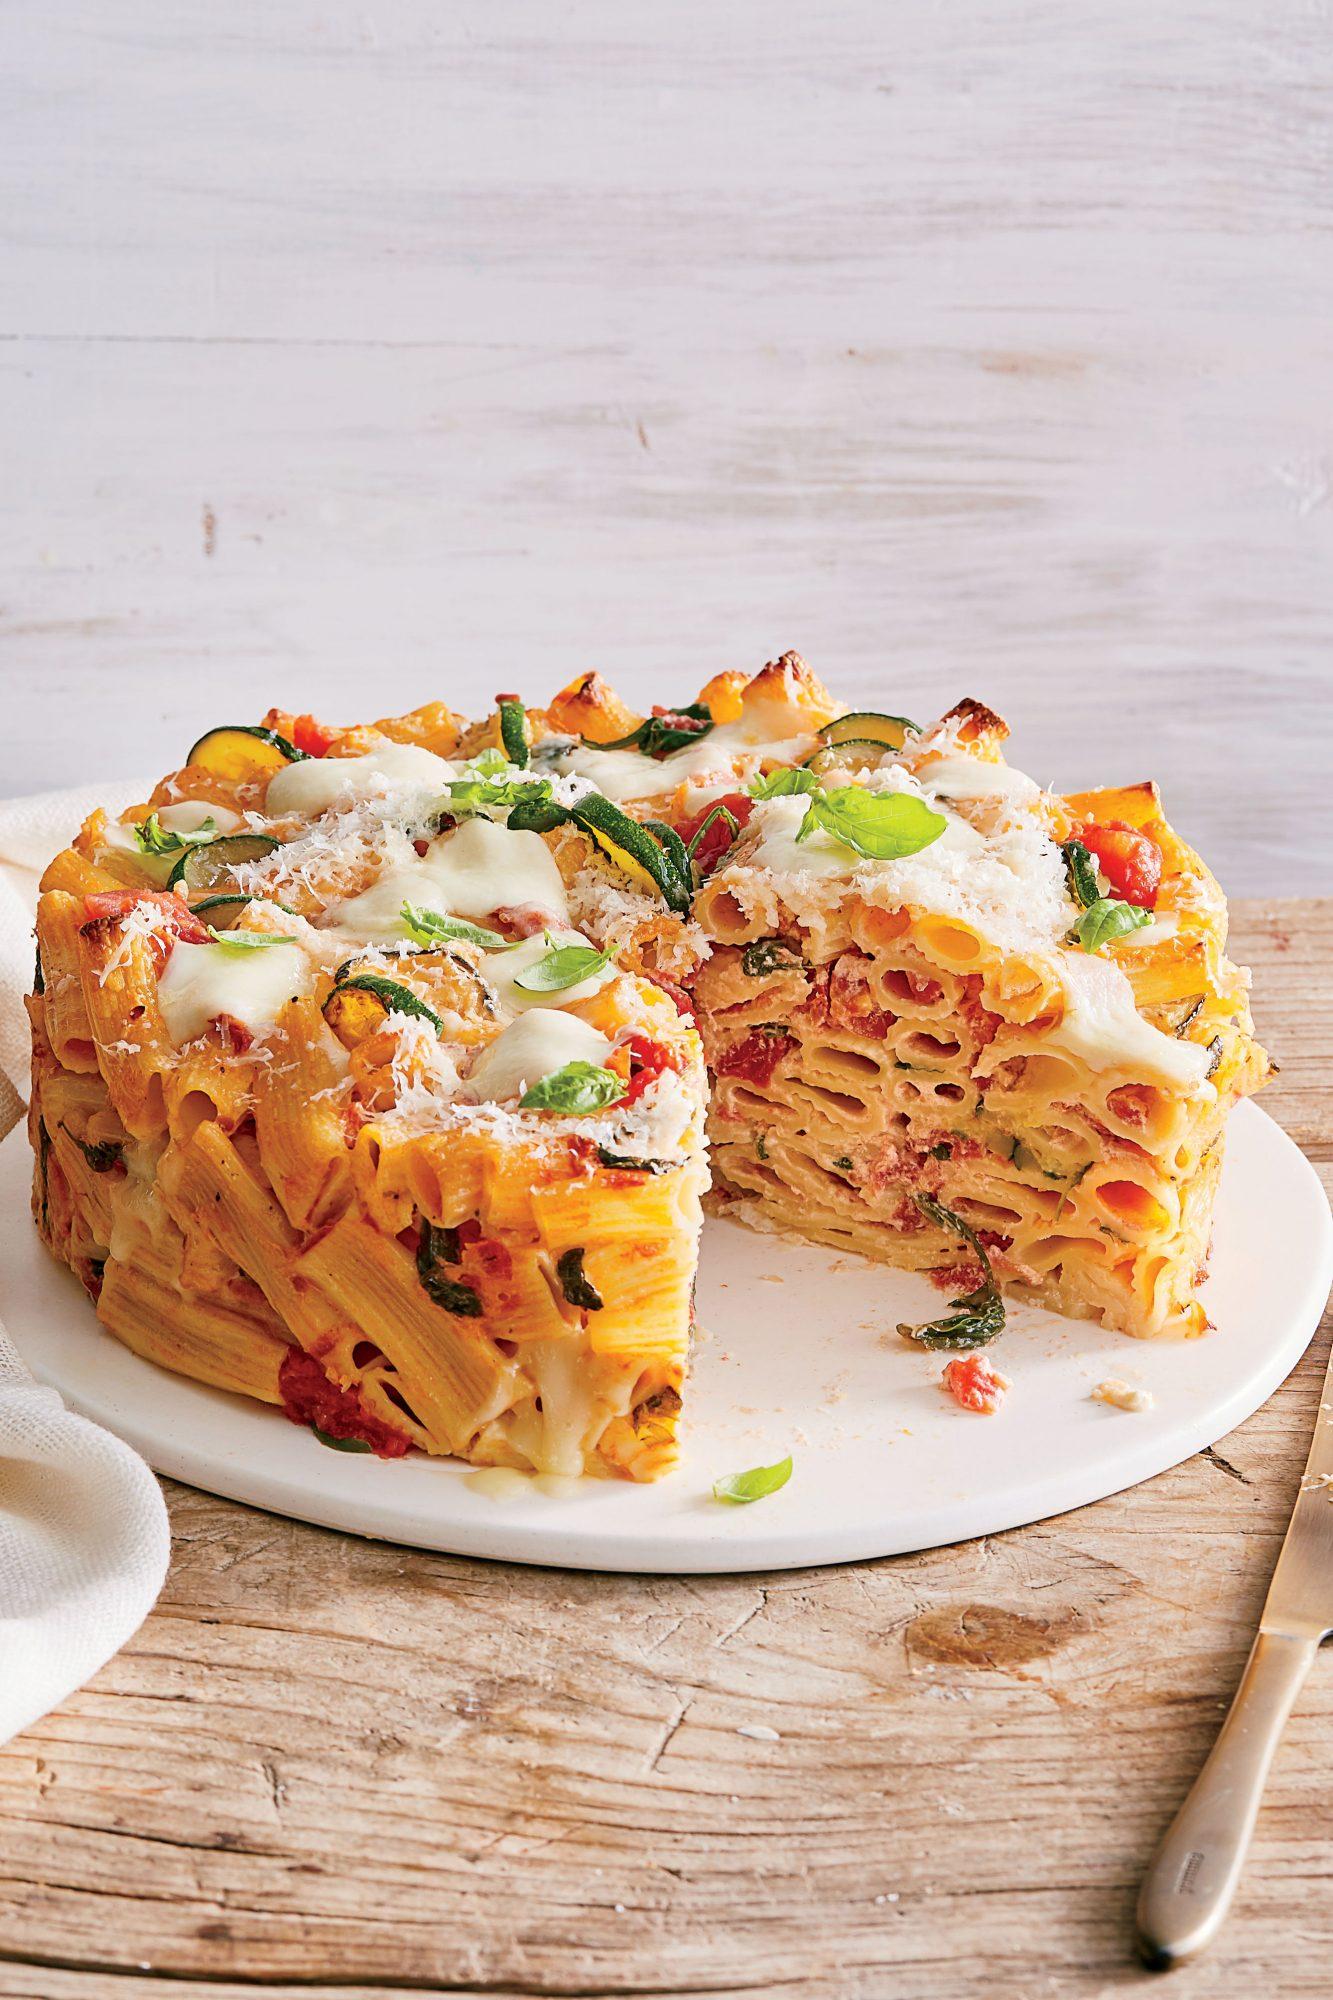 Baked Rigatoni with Zucchini and Mozzarella